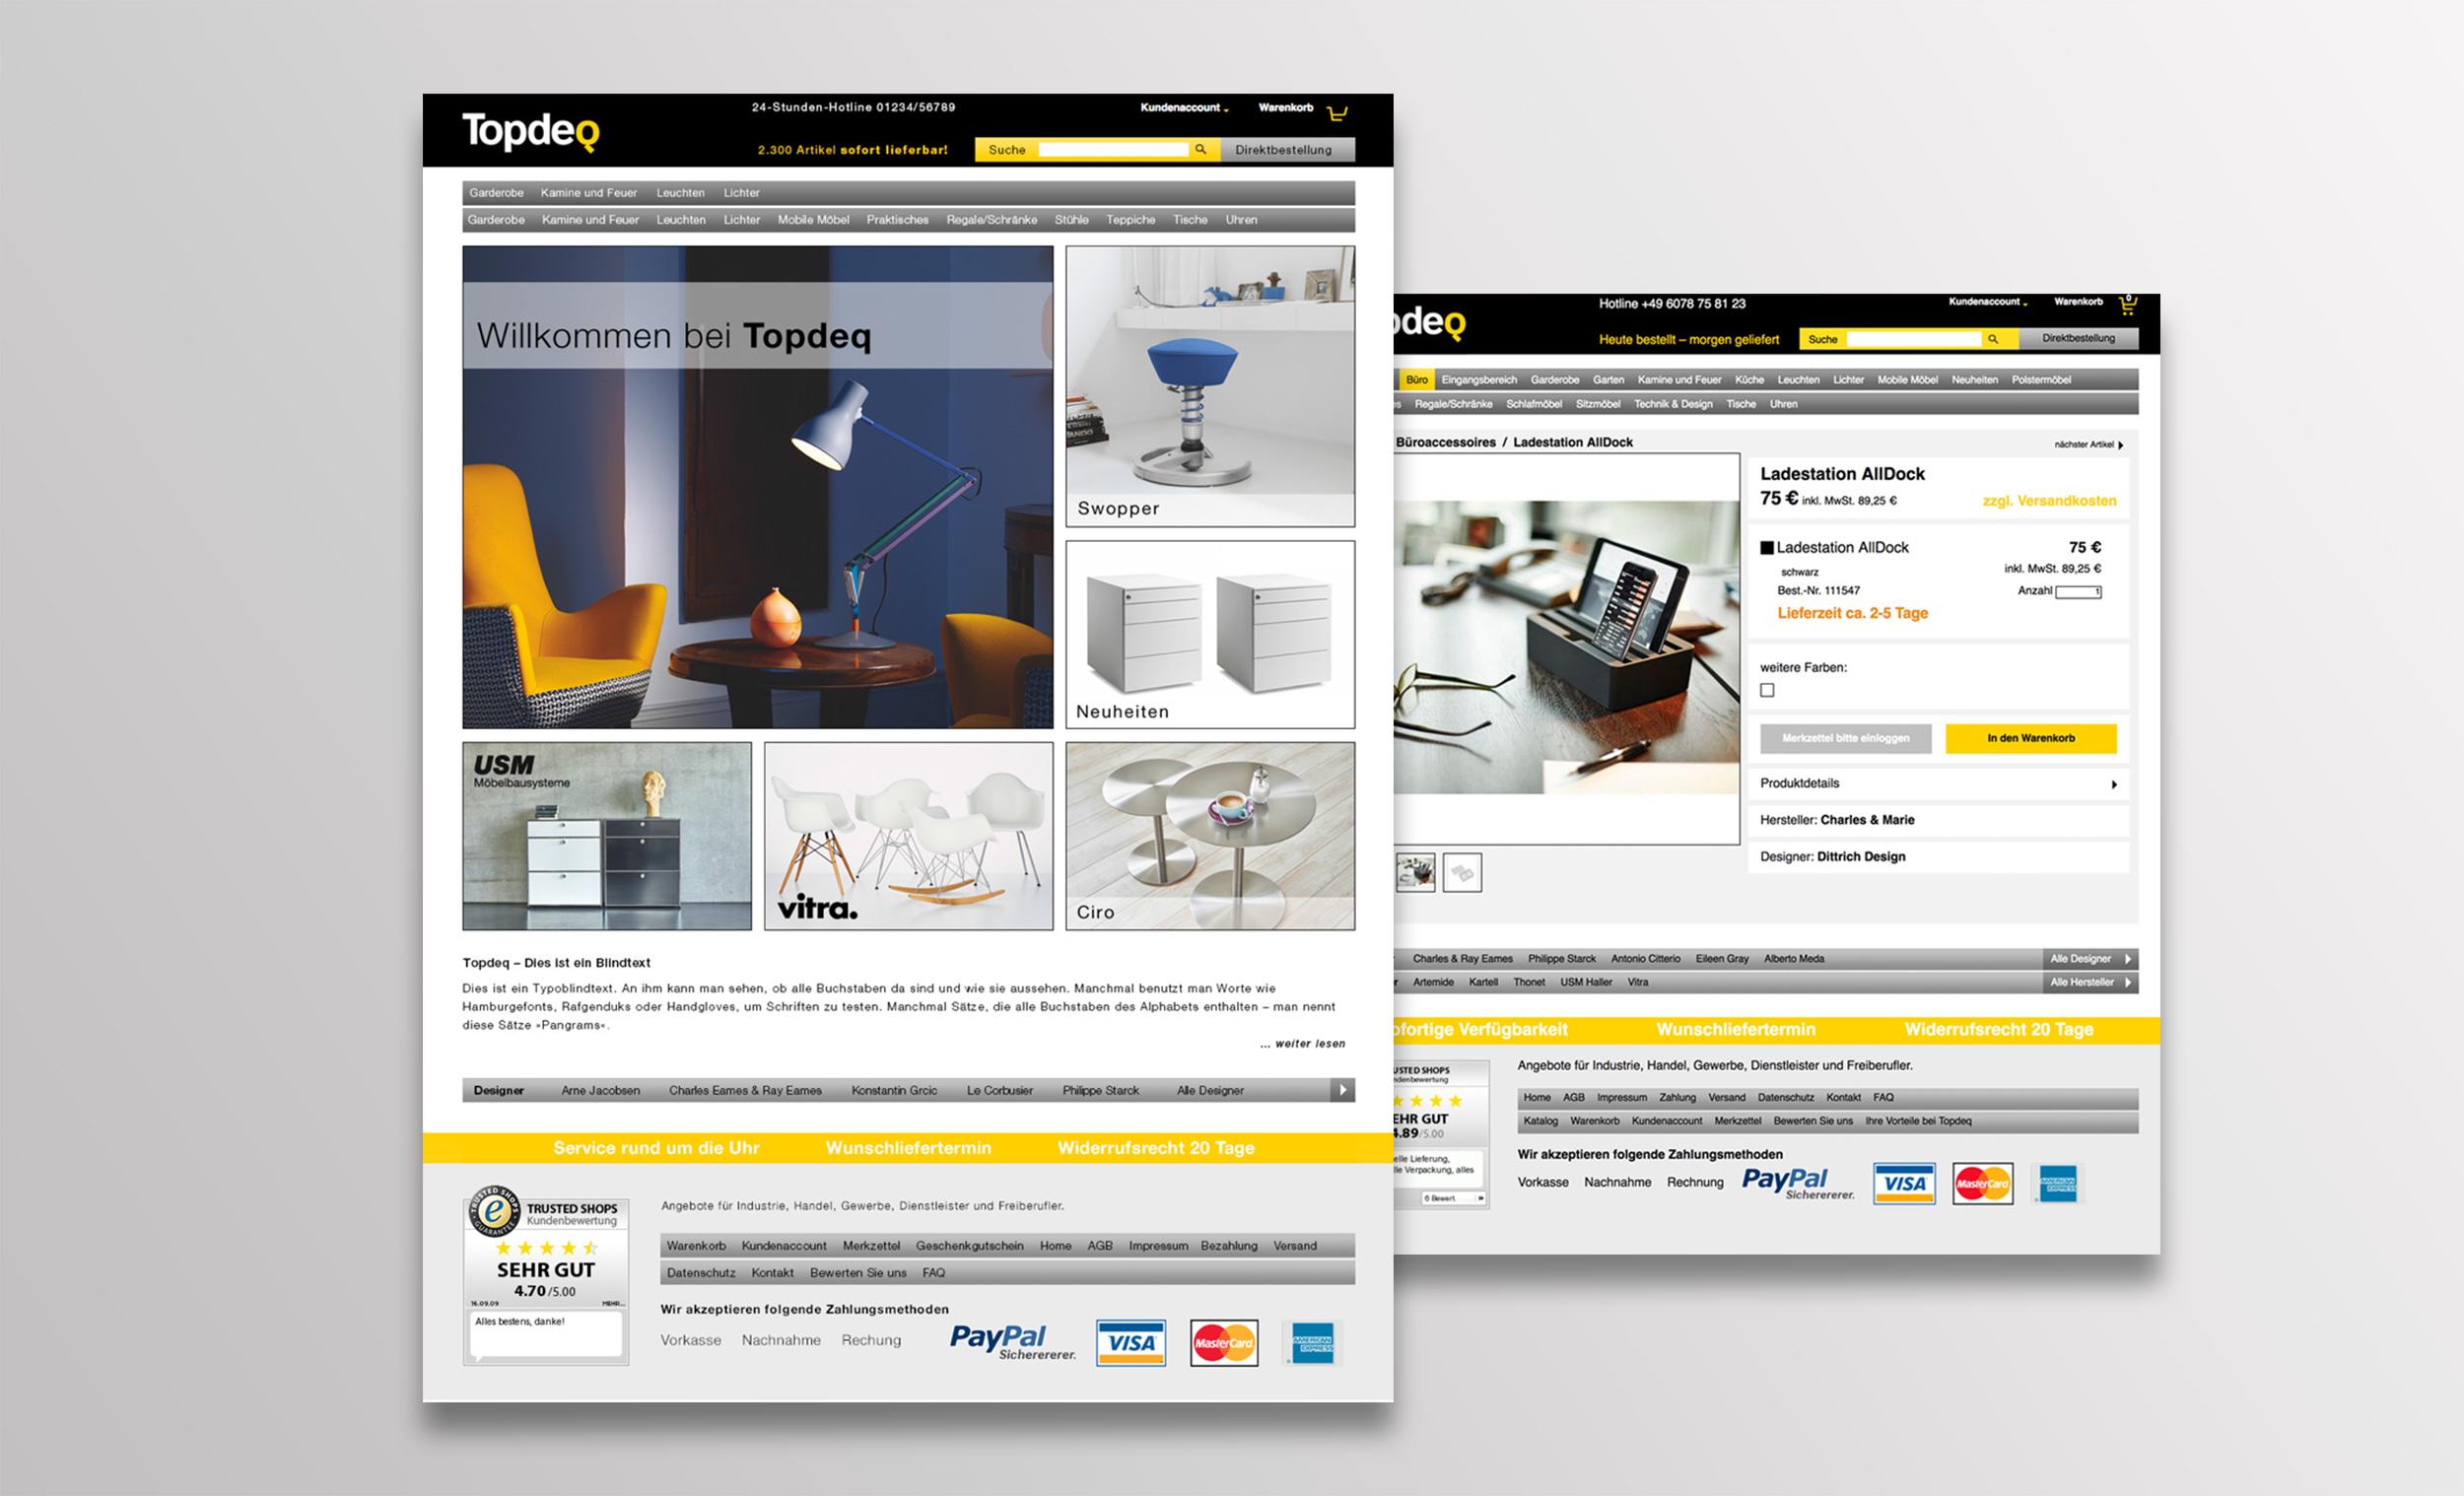 Topdeq online shop bohm und nonnen bohm nonnen urhahn for Topdeq design